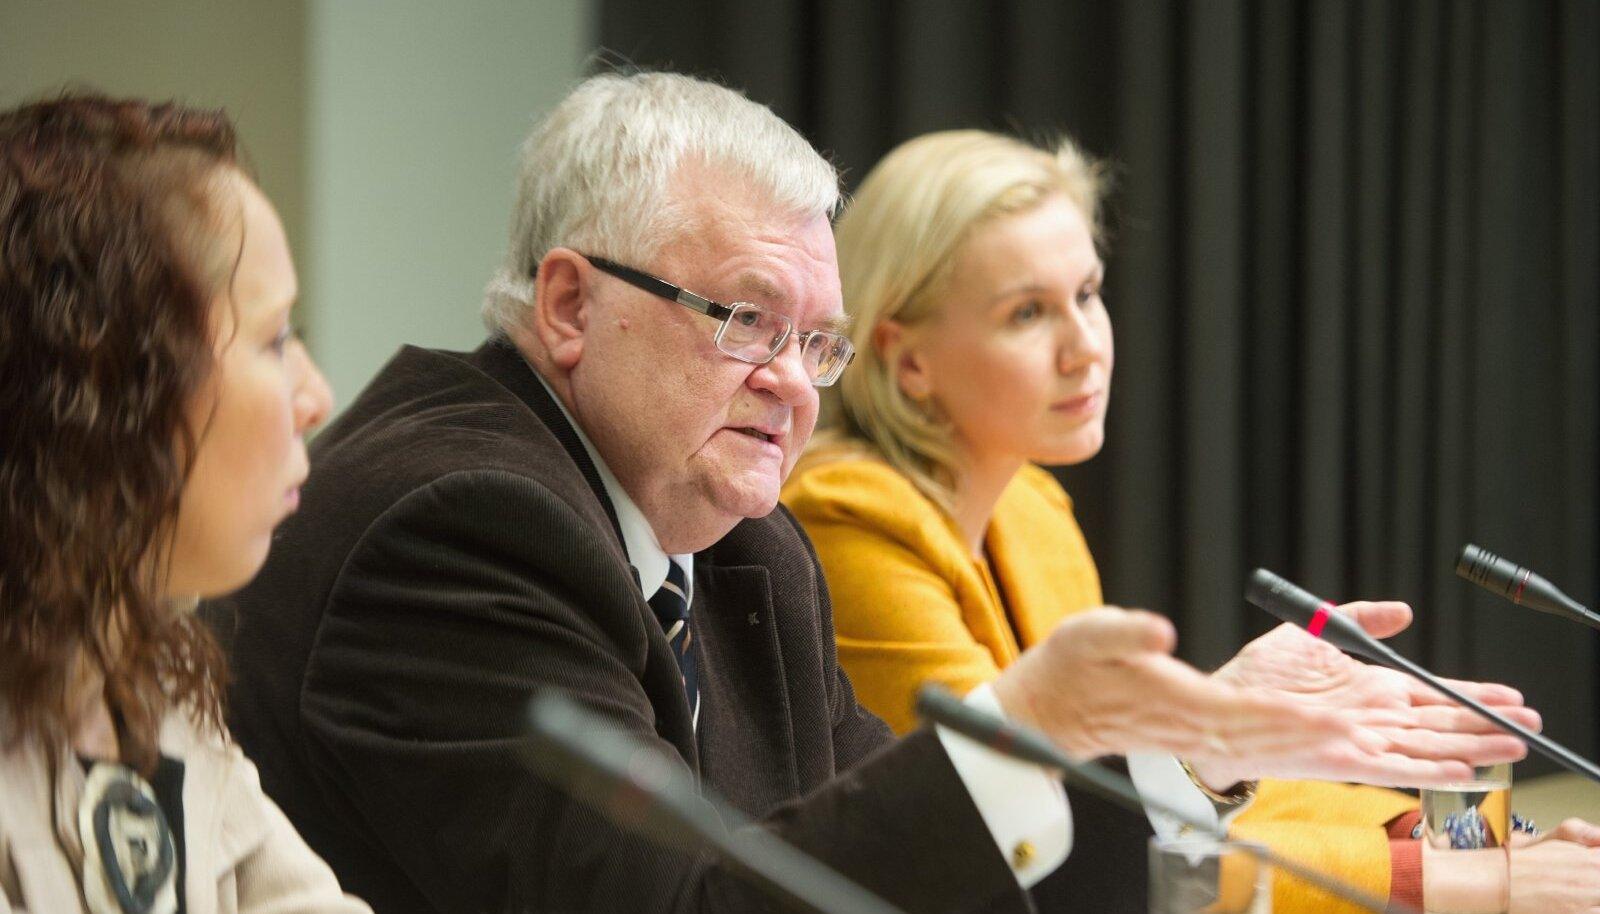 Keskerakonna tuumik Mailis Reps, Edgar Savisaar ja Kadri Simson 2012. aastal